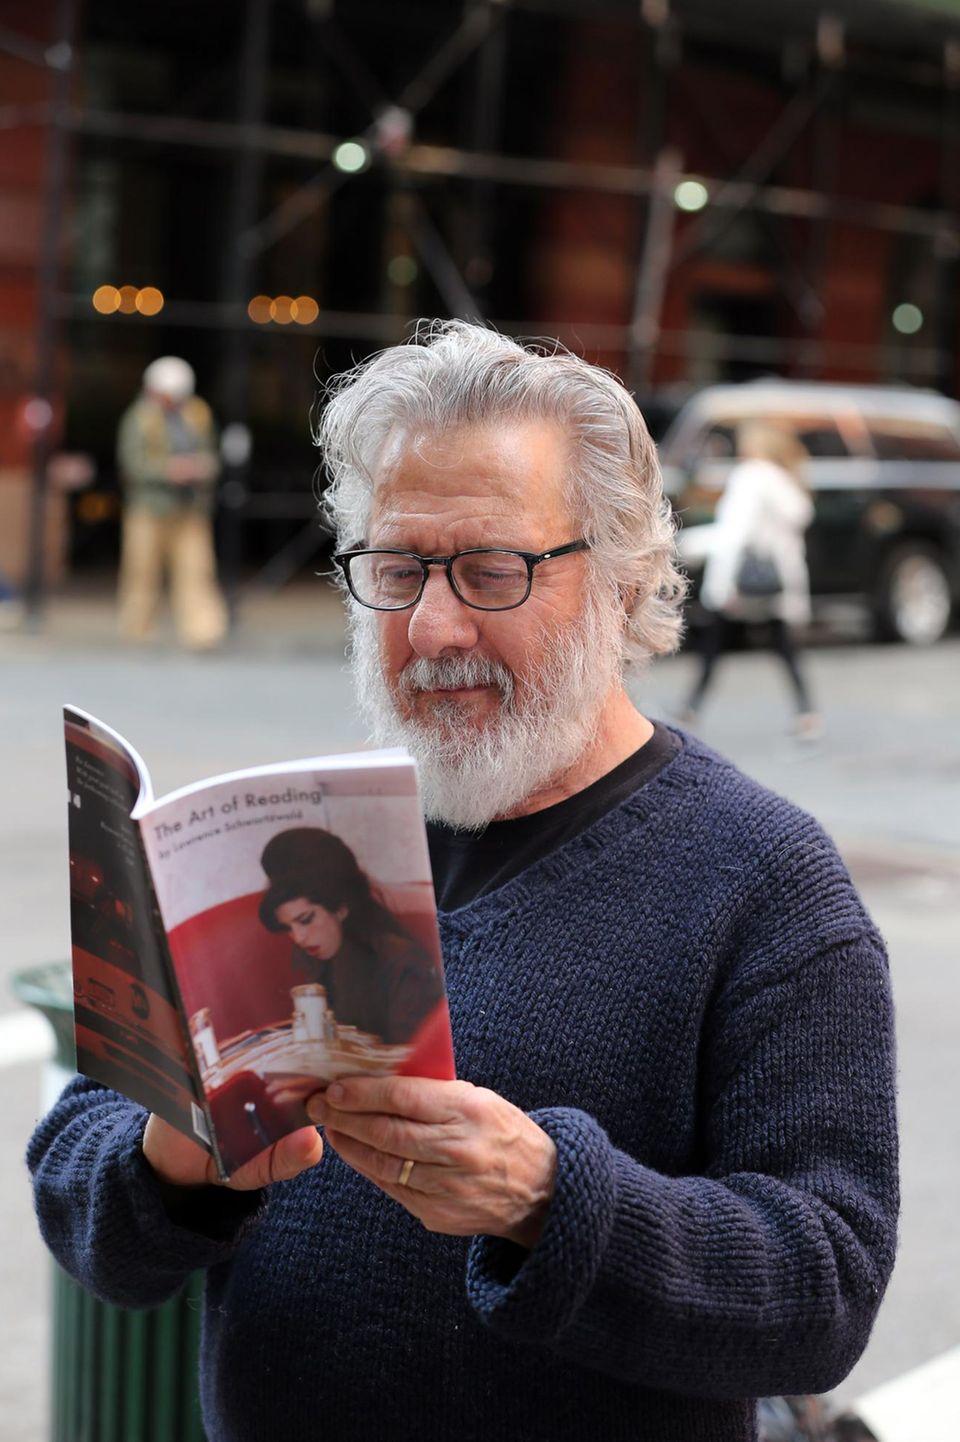 """Dustin Hoffman ist so sehr in ein Buch versunken, dass er sogar unterwegs auf den Straßen von New York blättern muss. Es handelt sich um den Bildband """"The Art of Reading"""" von Fotograf Lawrence Schwartzwald."""